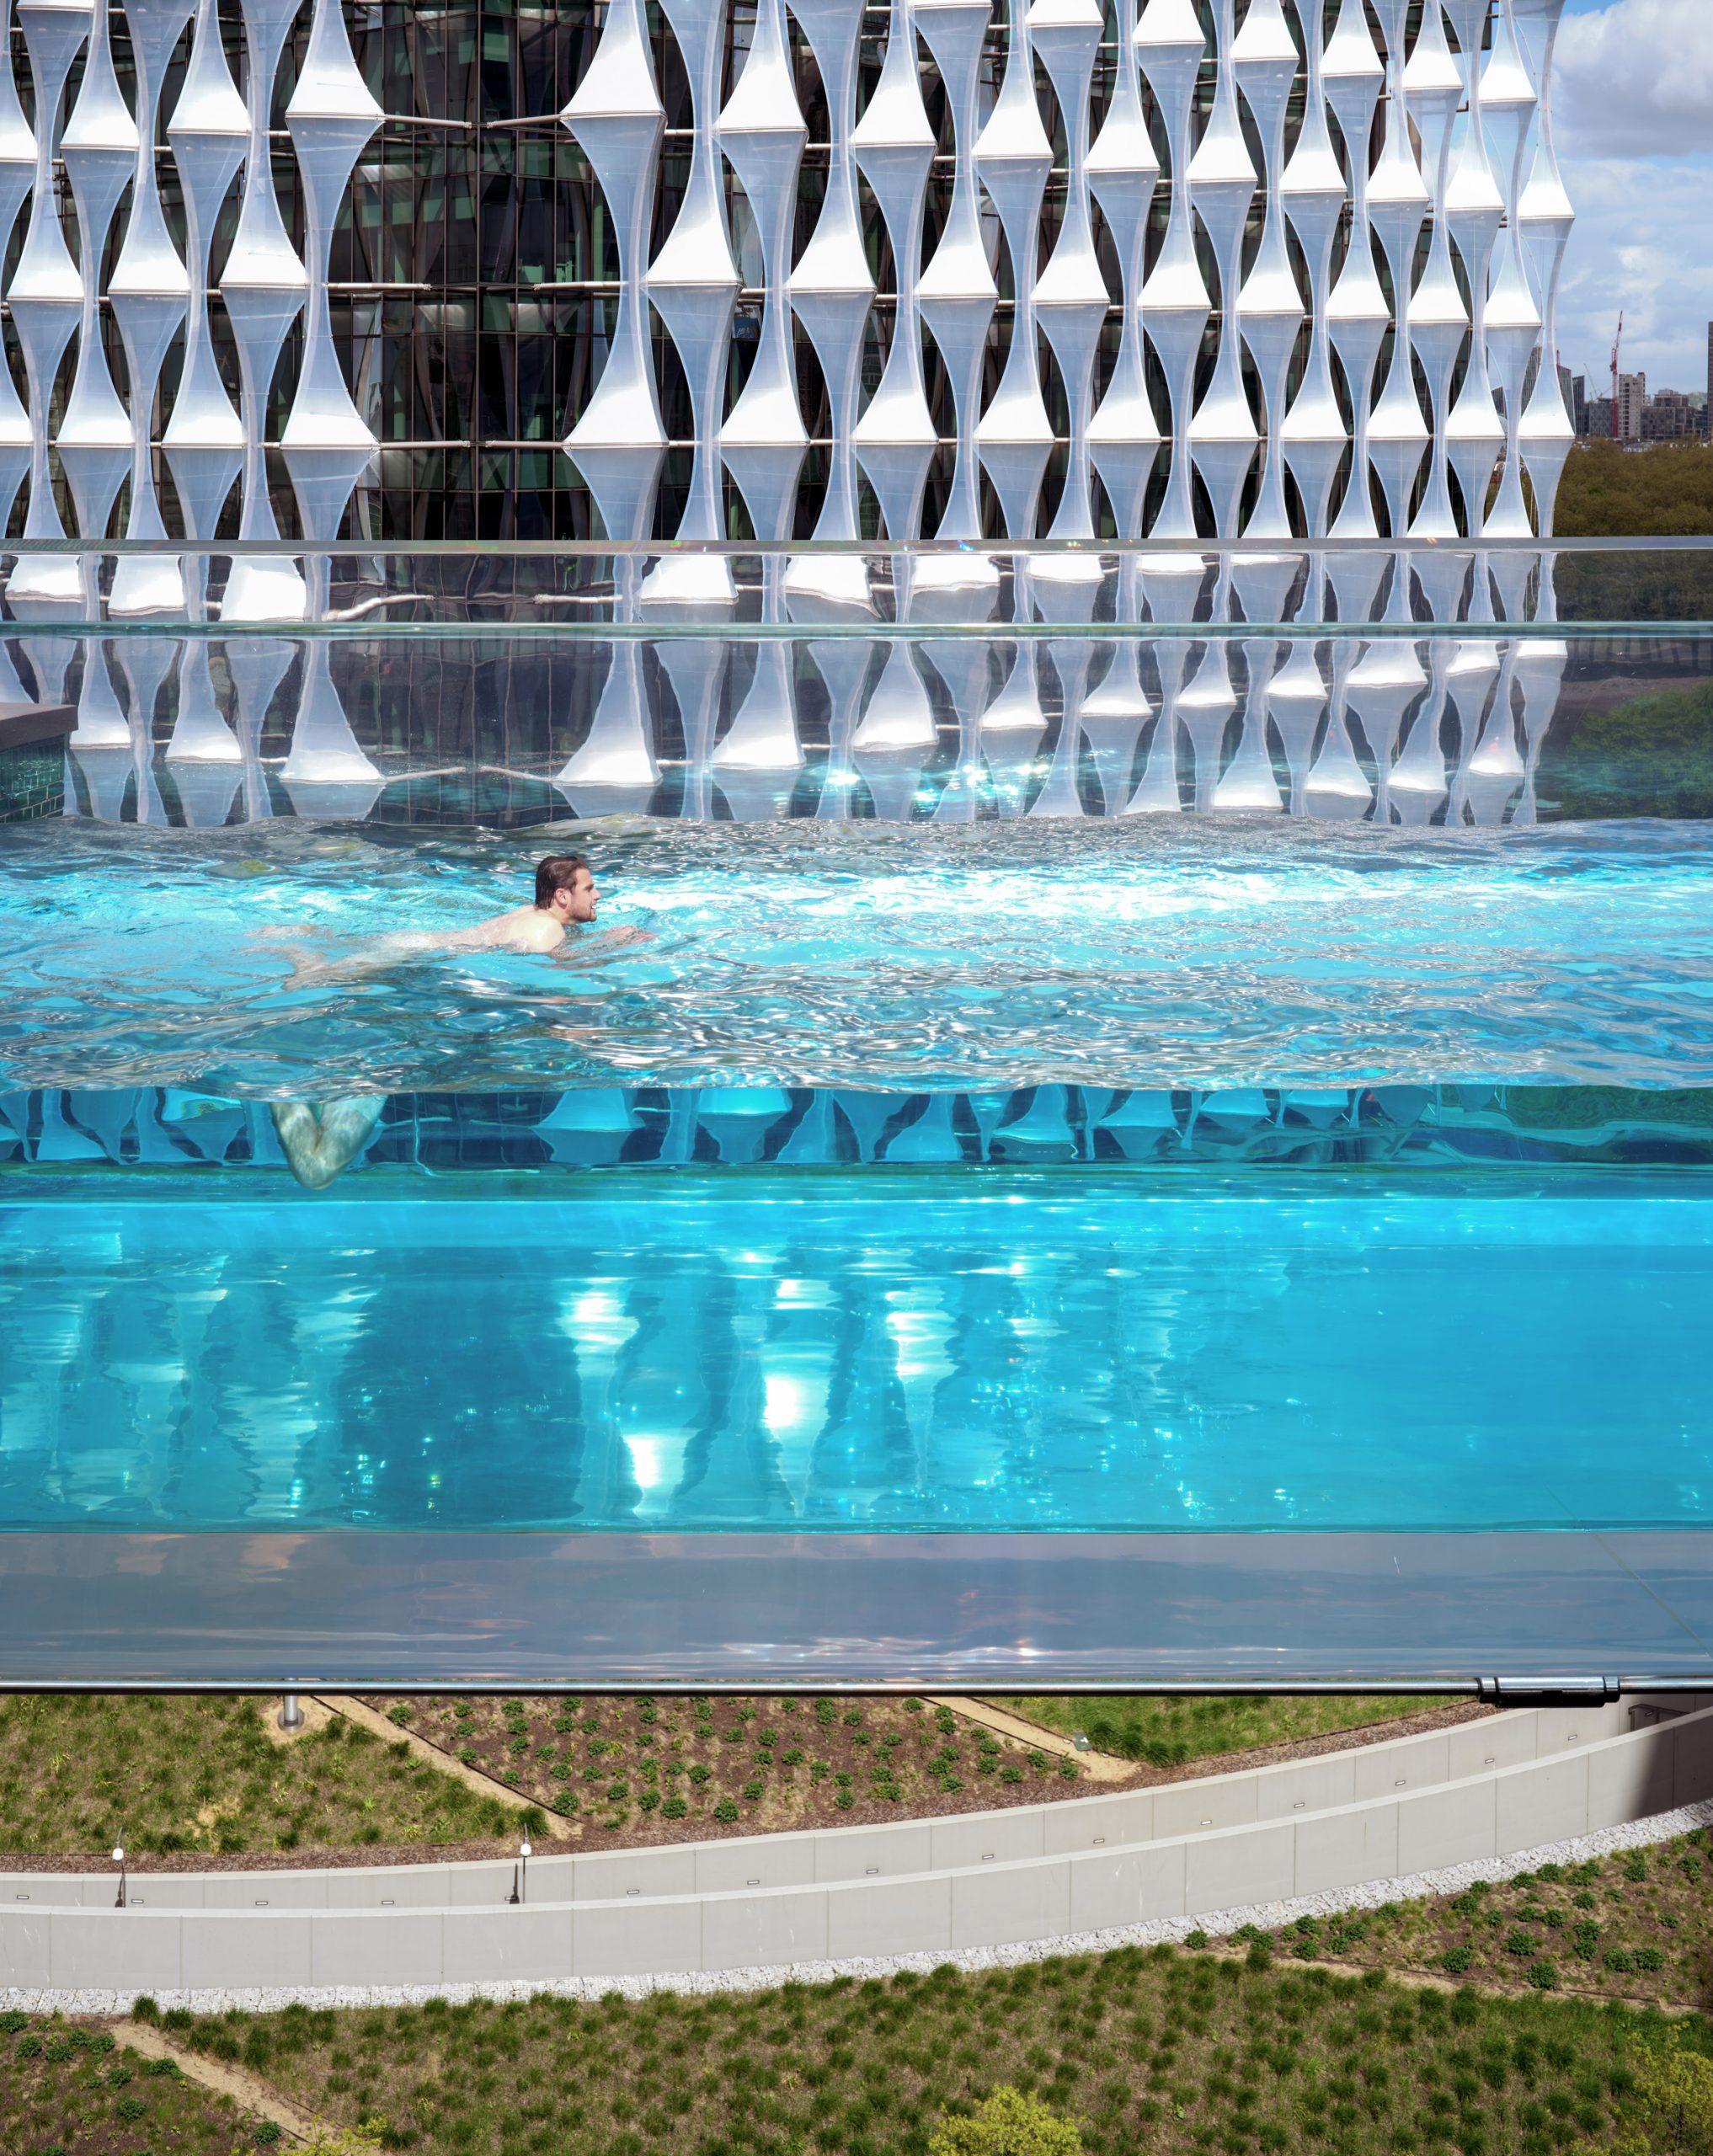 Hồ bơi được xây dựng từ các tấm acrylic trong suốt